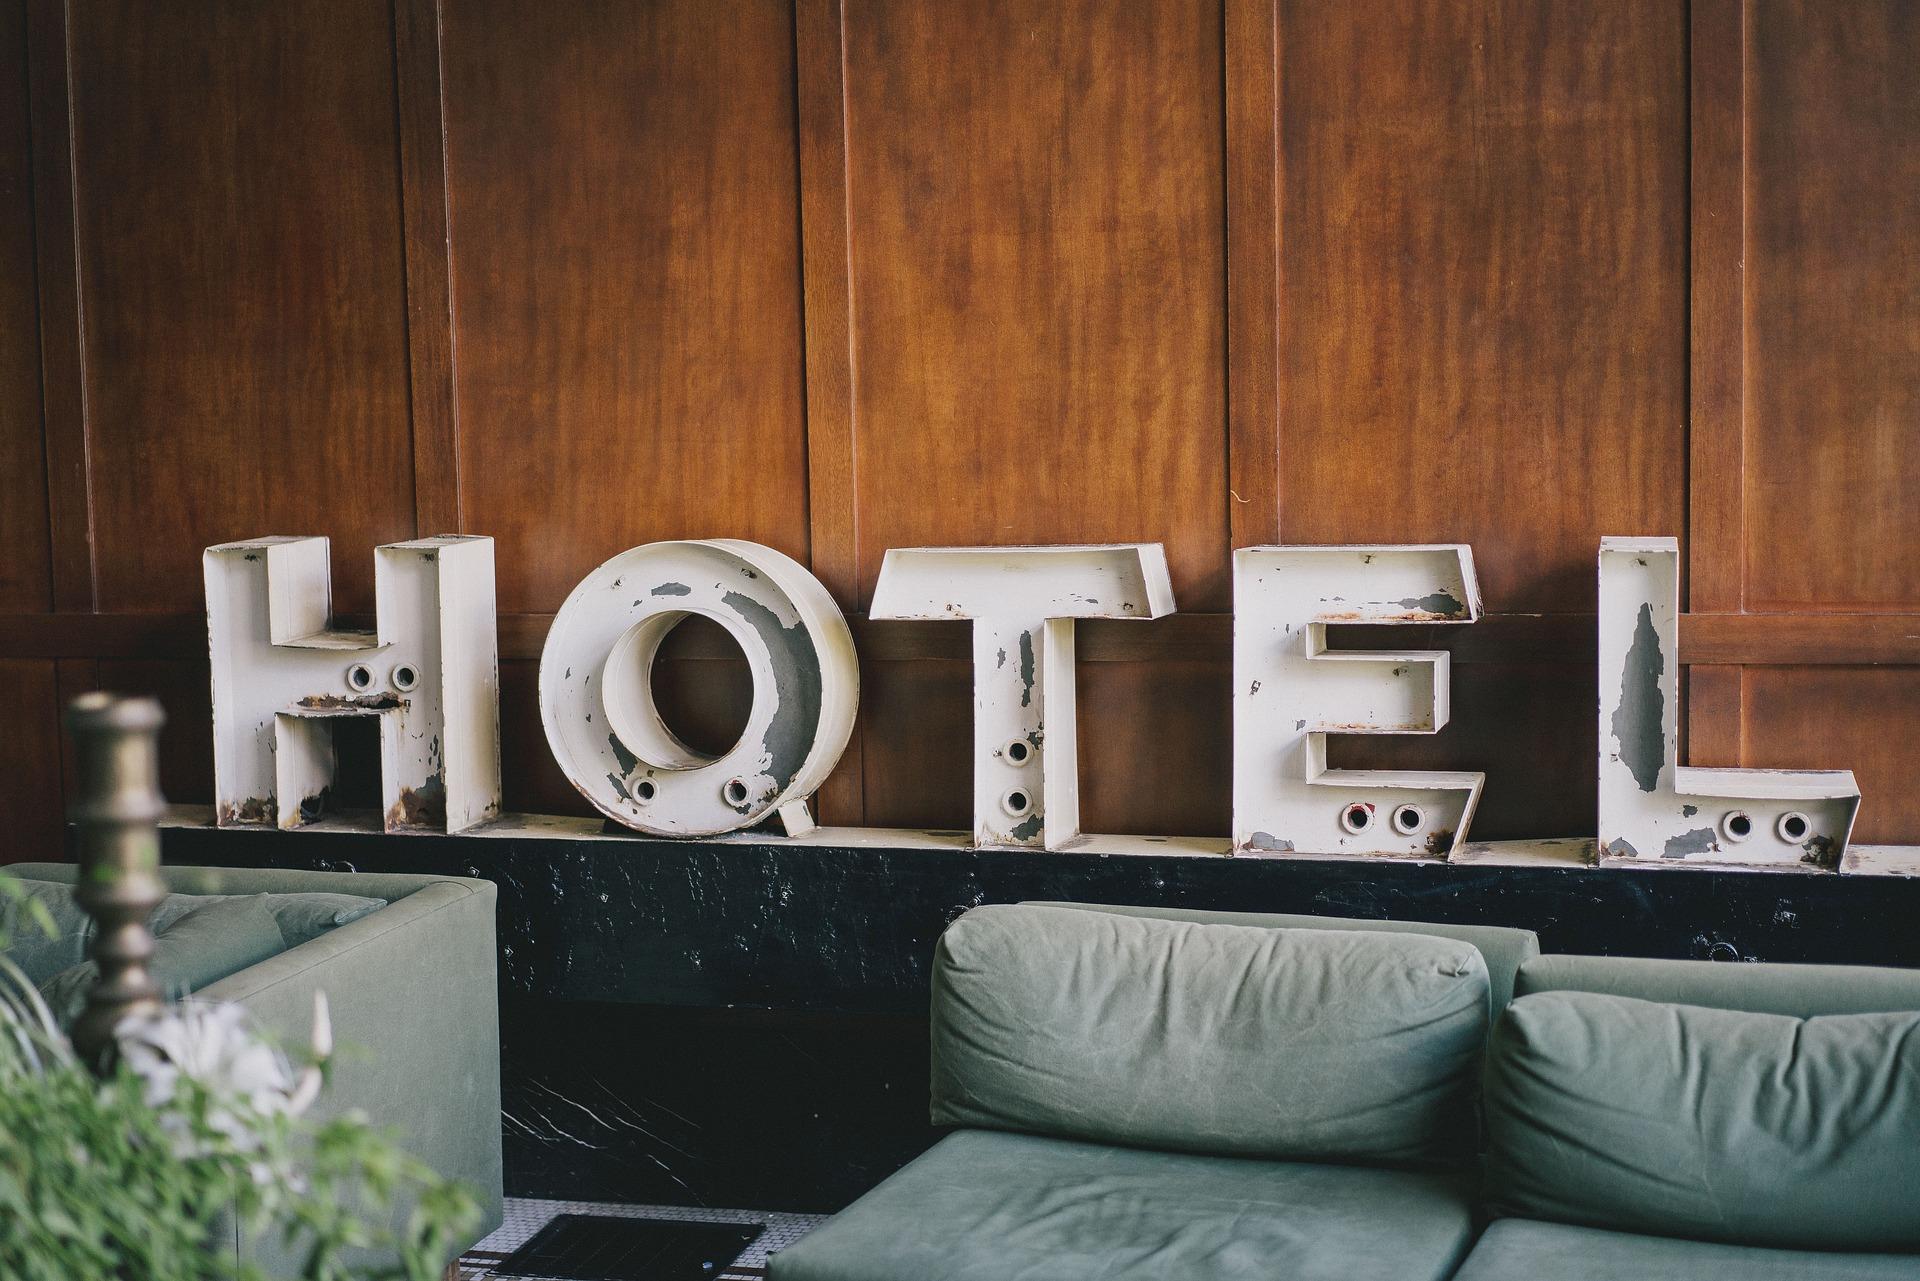 ¿Buscando hoteles? Busca con los mejores, busca con Hoteles.com